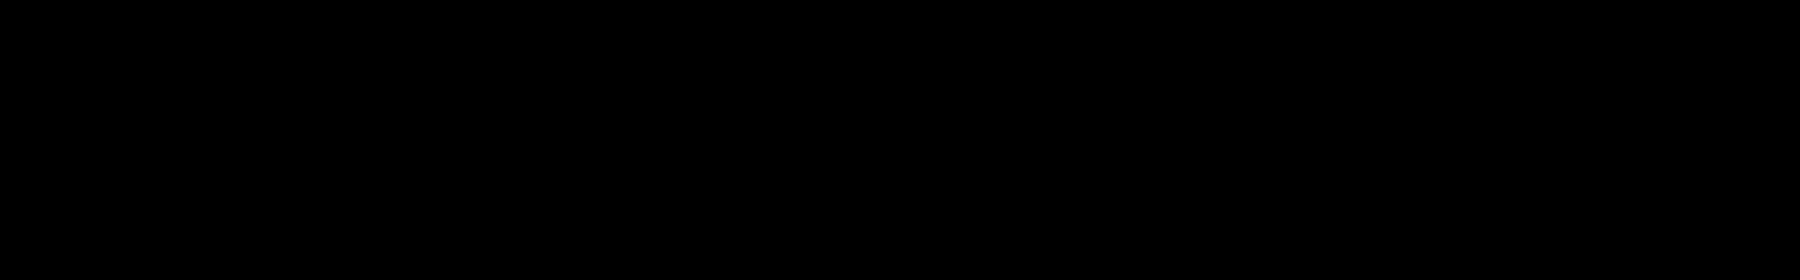 Valhalla audio waveform